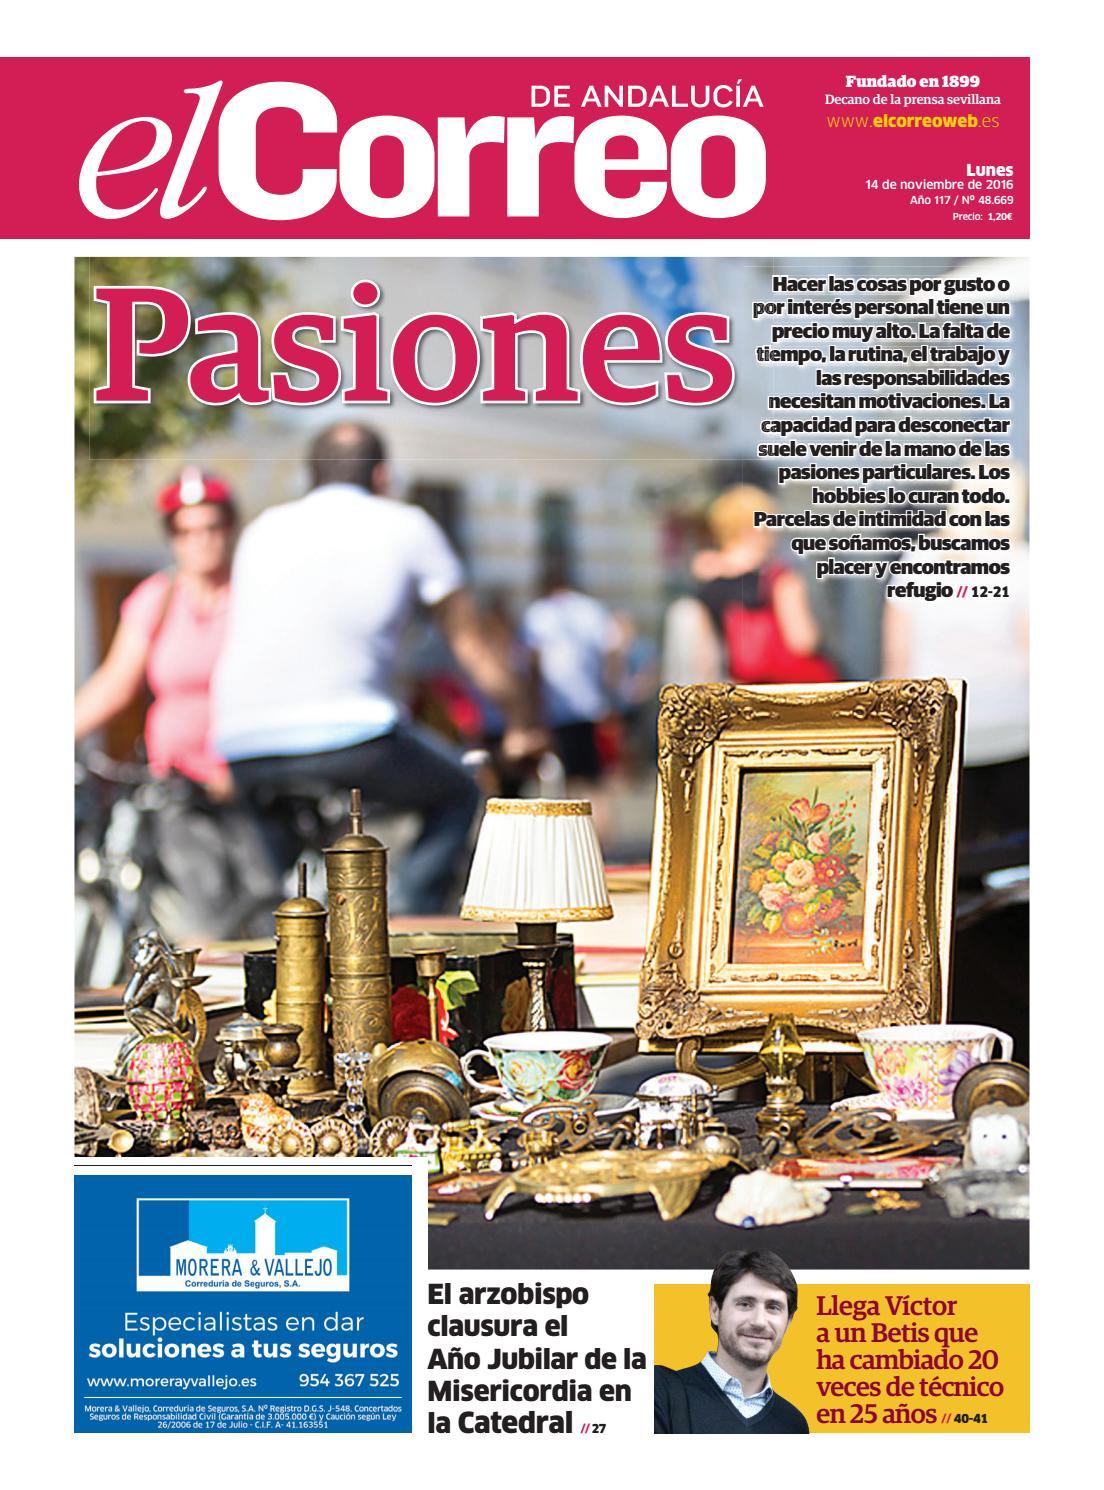 923a79d28 14 11 2016 El Correo de Andalucía by EL CORREO DE ANDALUCÍA S.L. - issuu